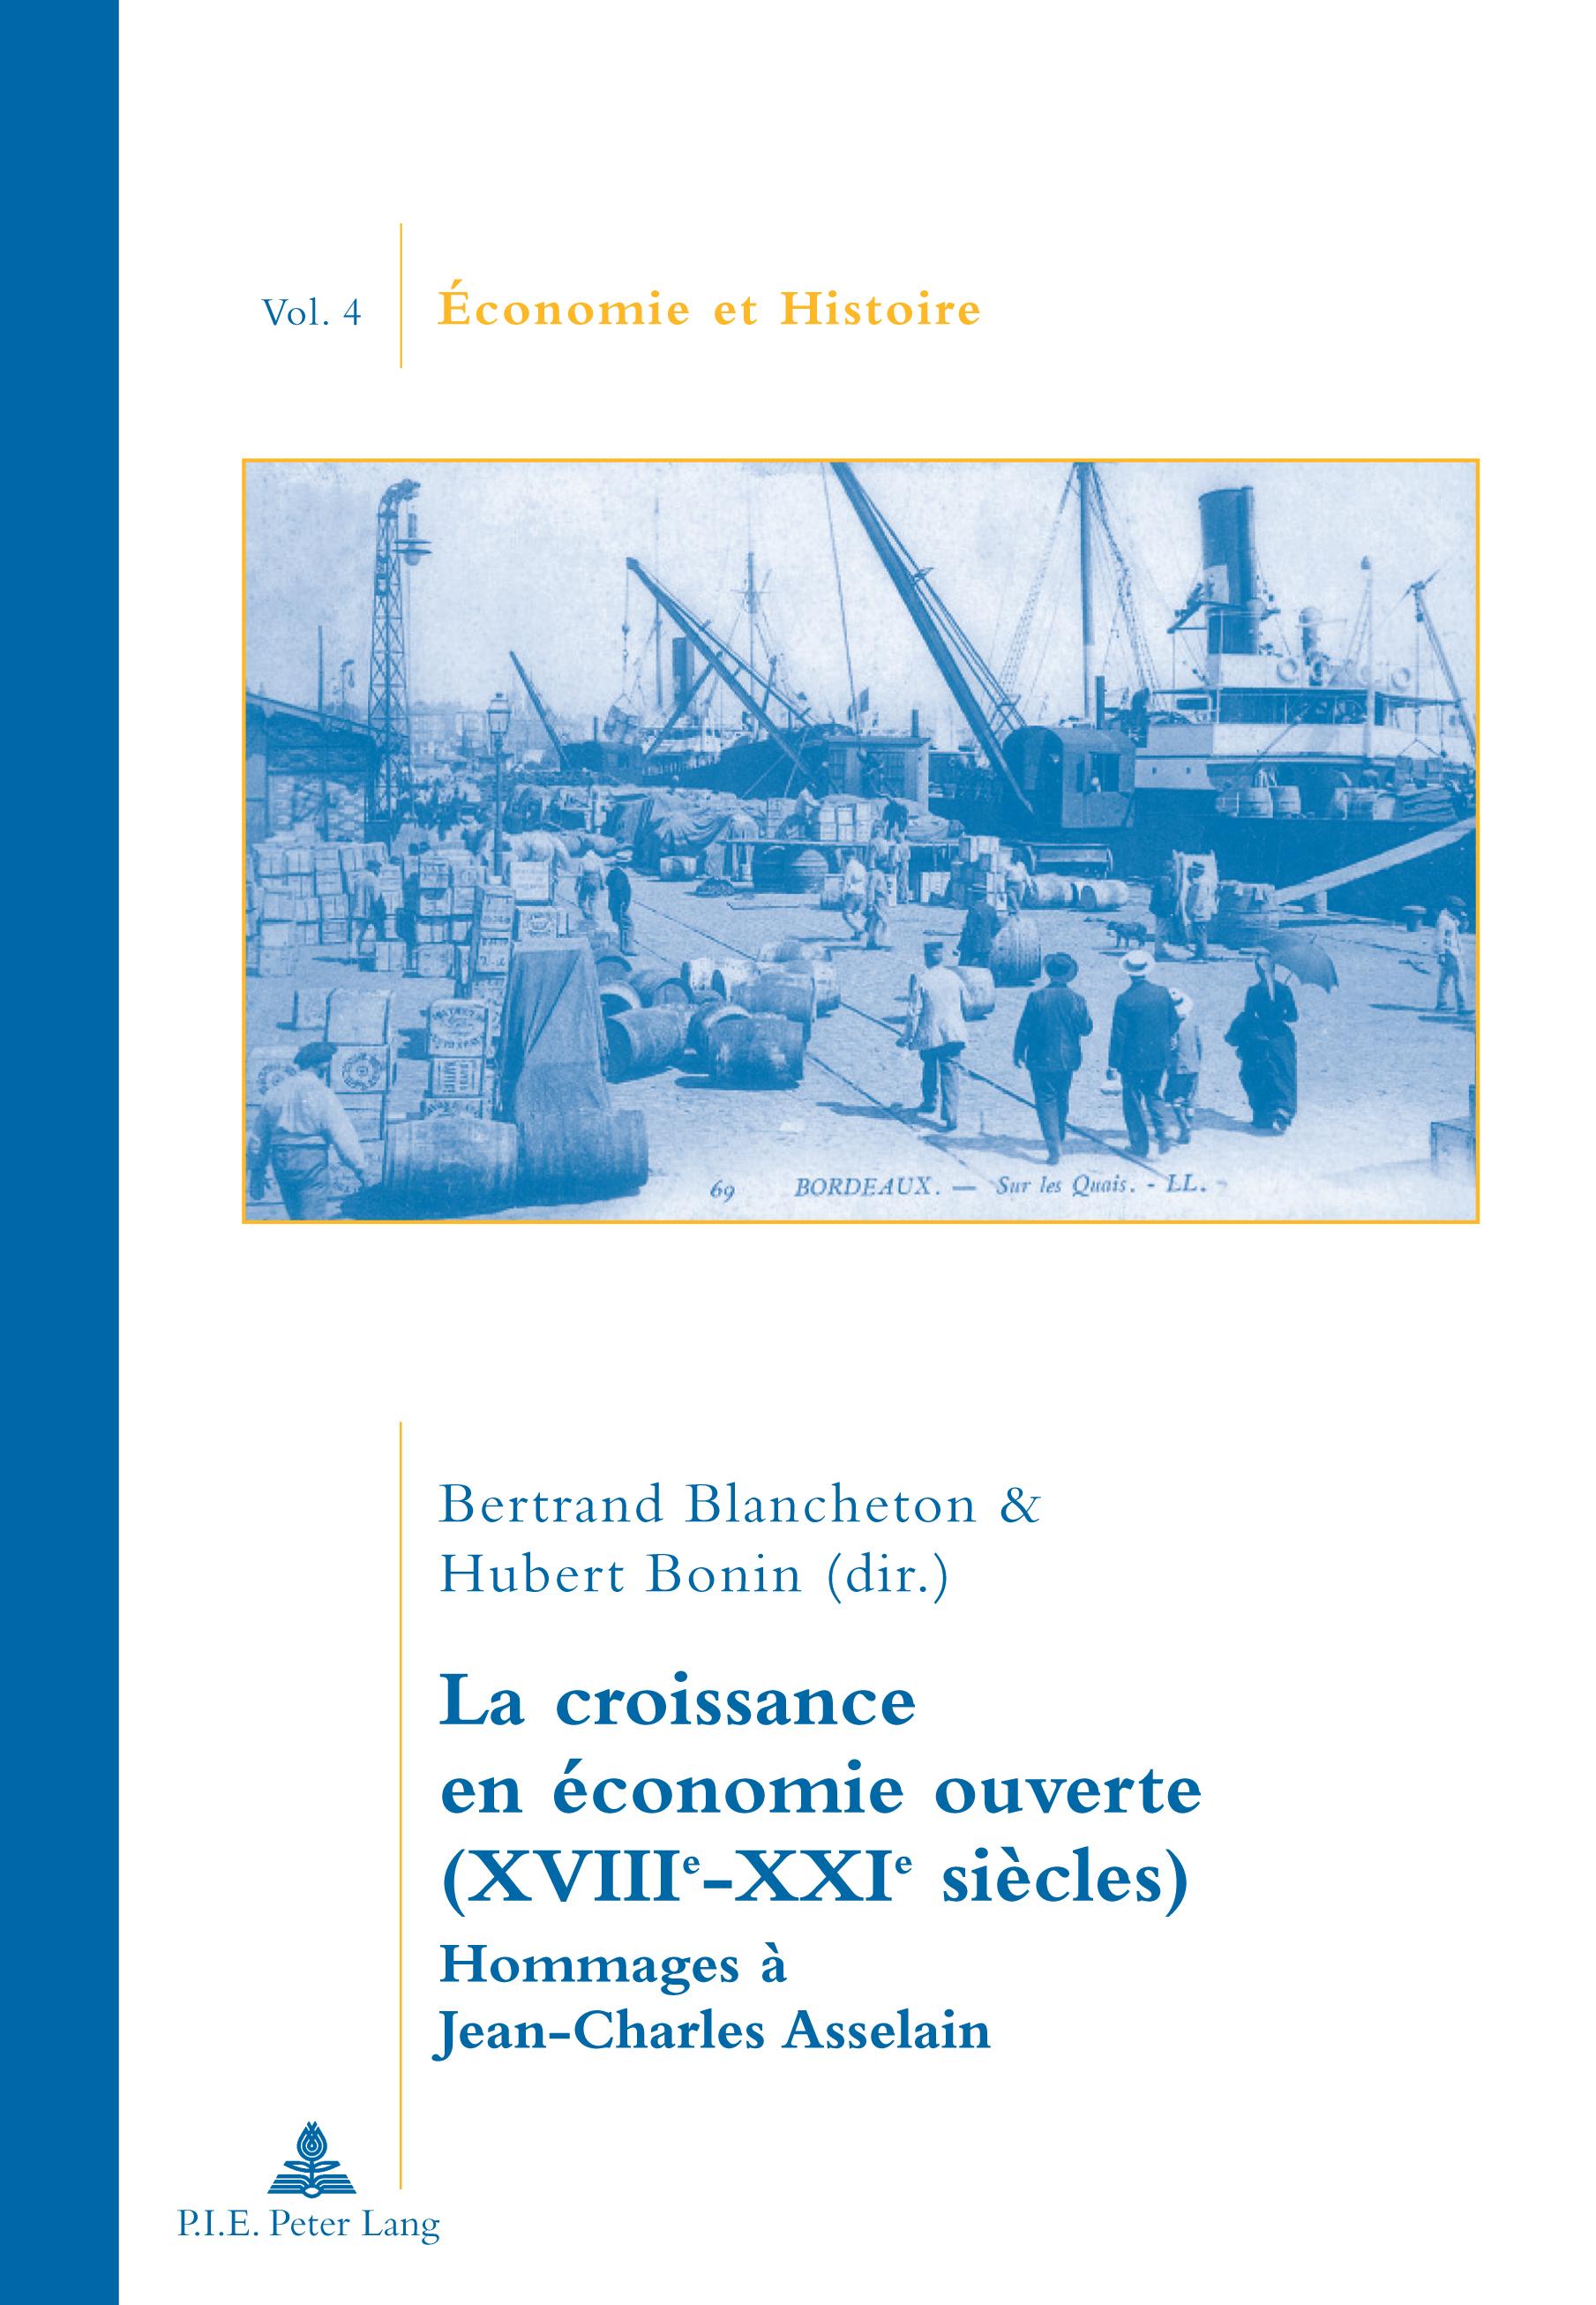 LA CROISSANCE EN ECONOMIE OUVERTE (XVIIIE-XXIE SIECLES)